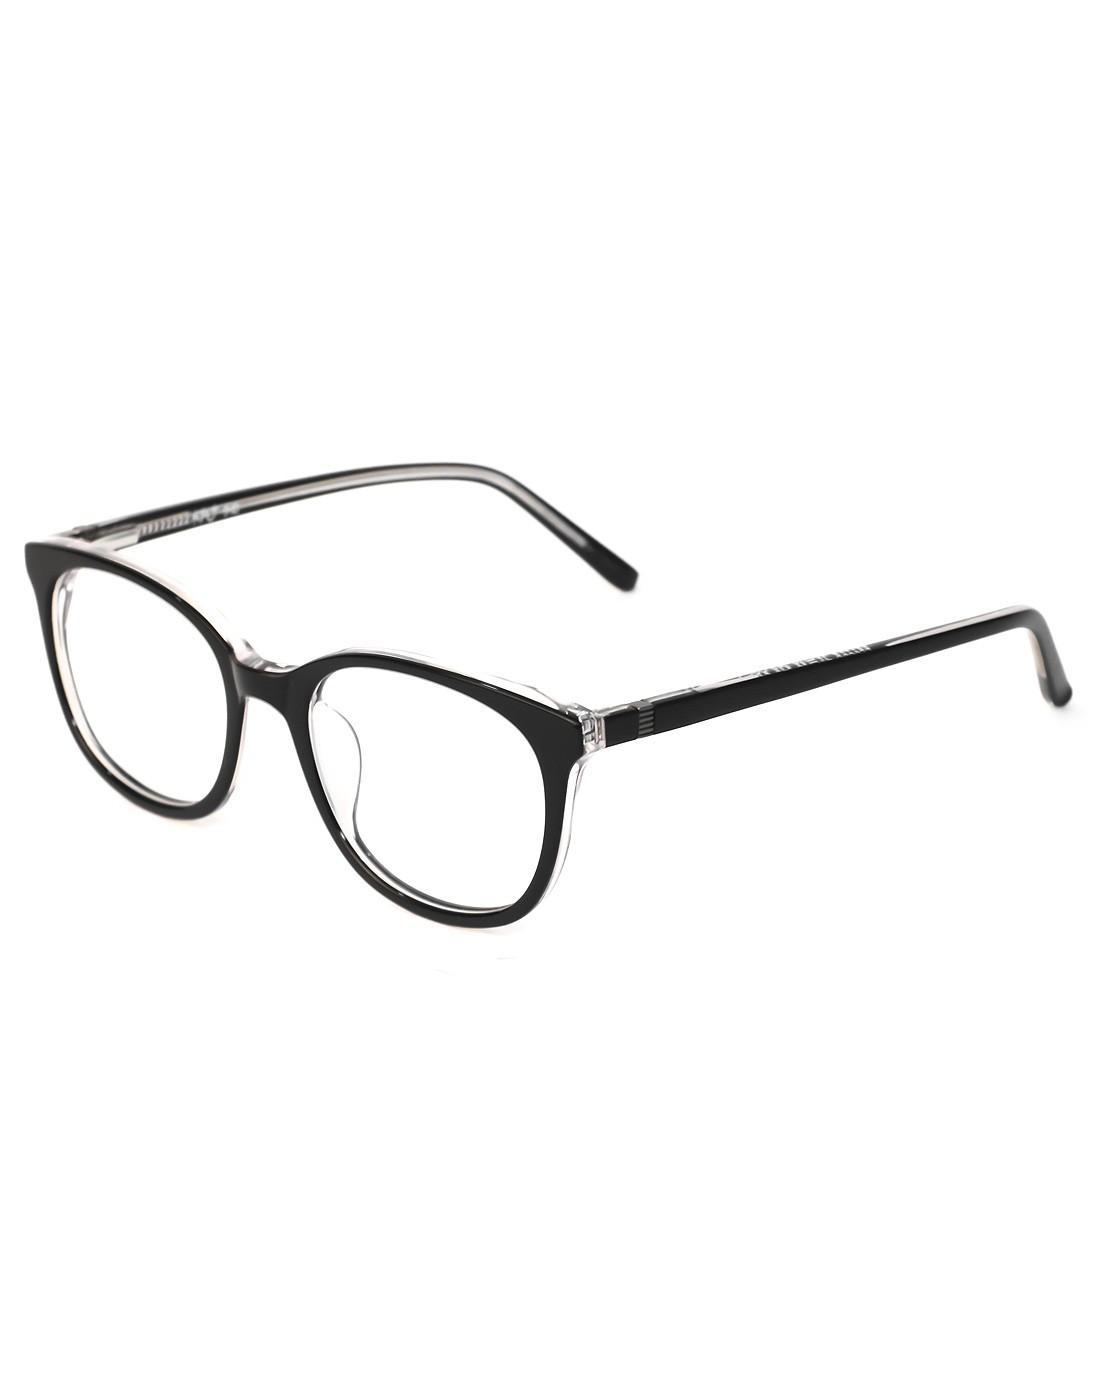 眼镜��.�yb�h�.�Y�j_木九十品牌眼镜移动端专场-\